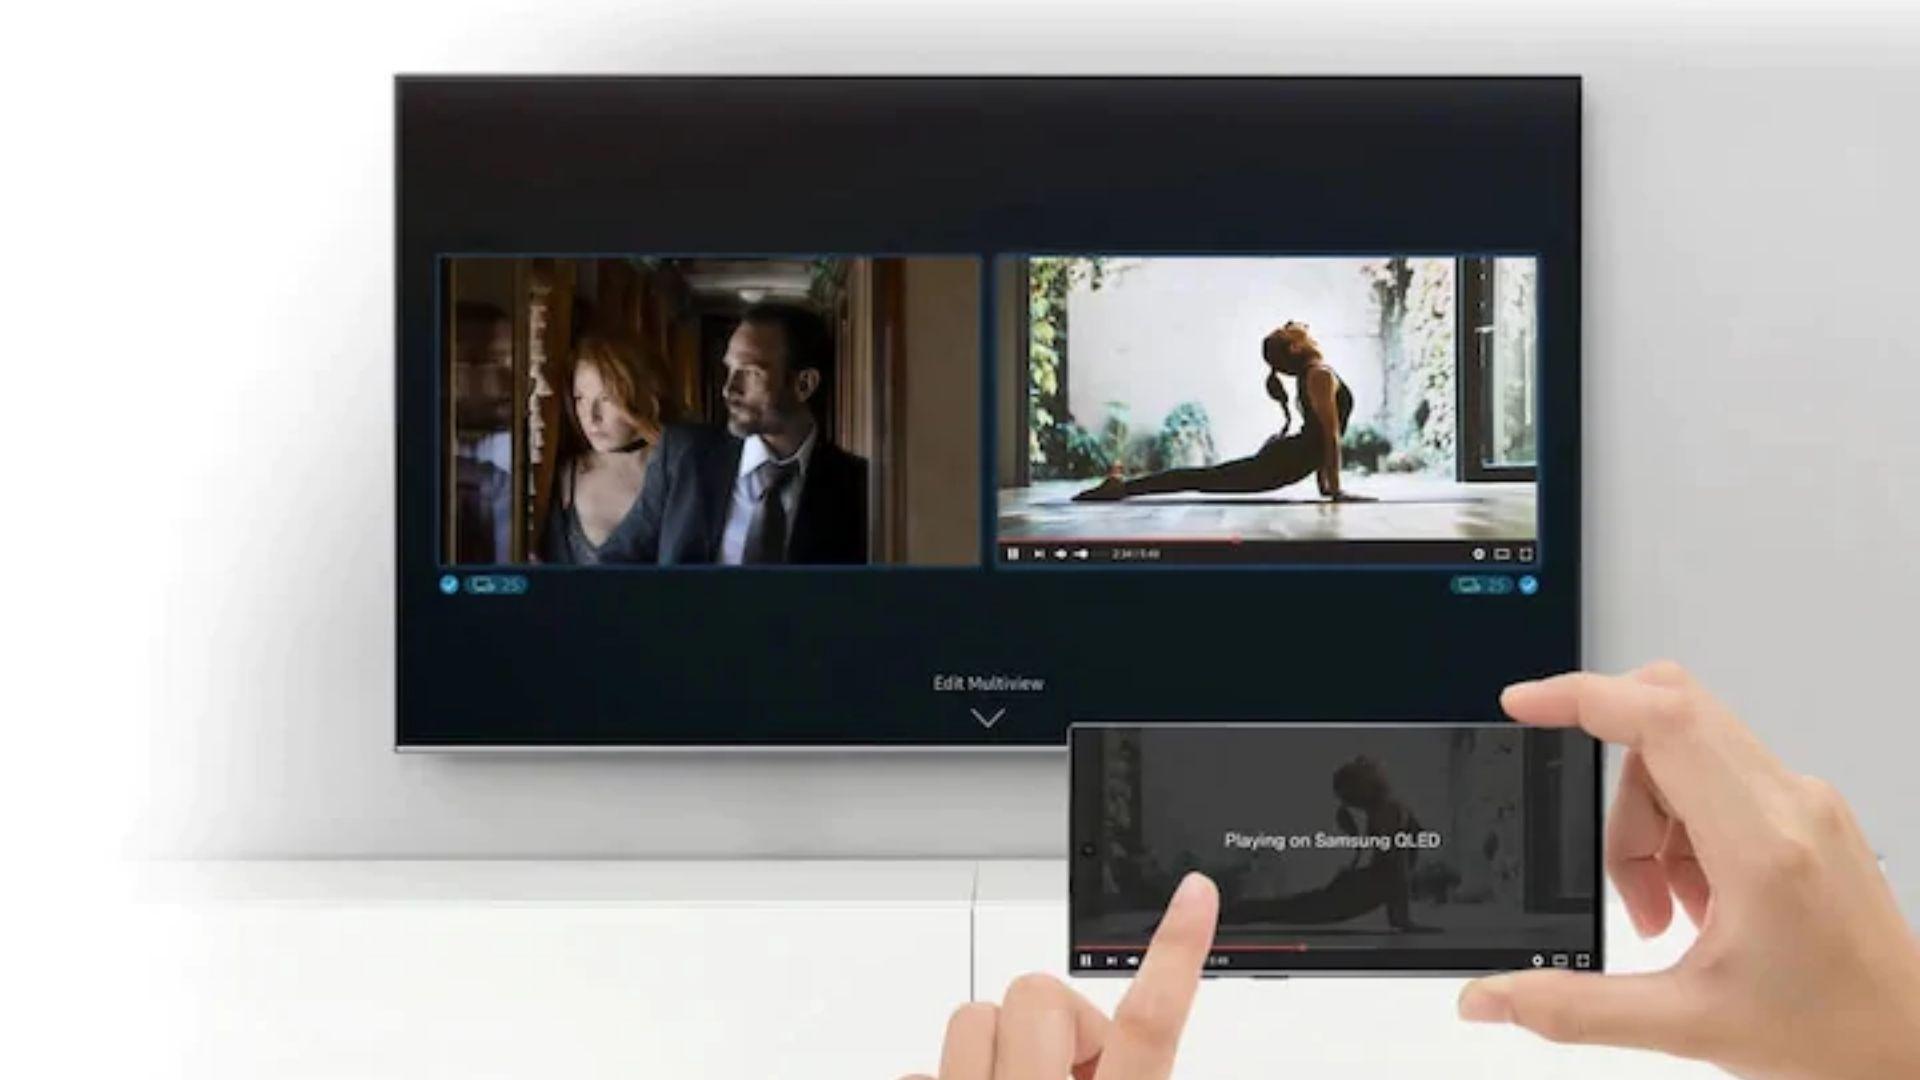 Multi Tela é a novo recurso de espelhamento de tela implementado pela Samsung nas TVs QLED. (Imagem: Reprodução/Samsung)